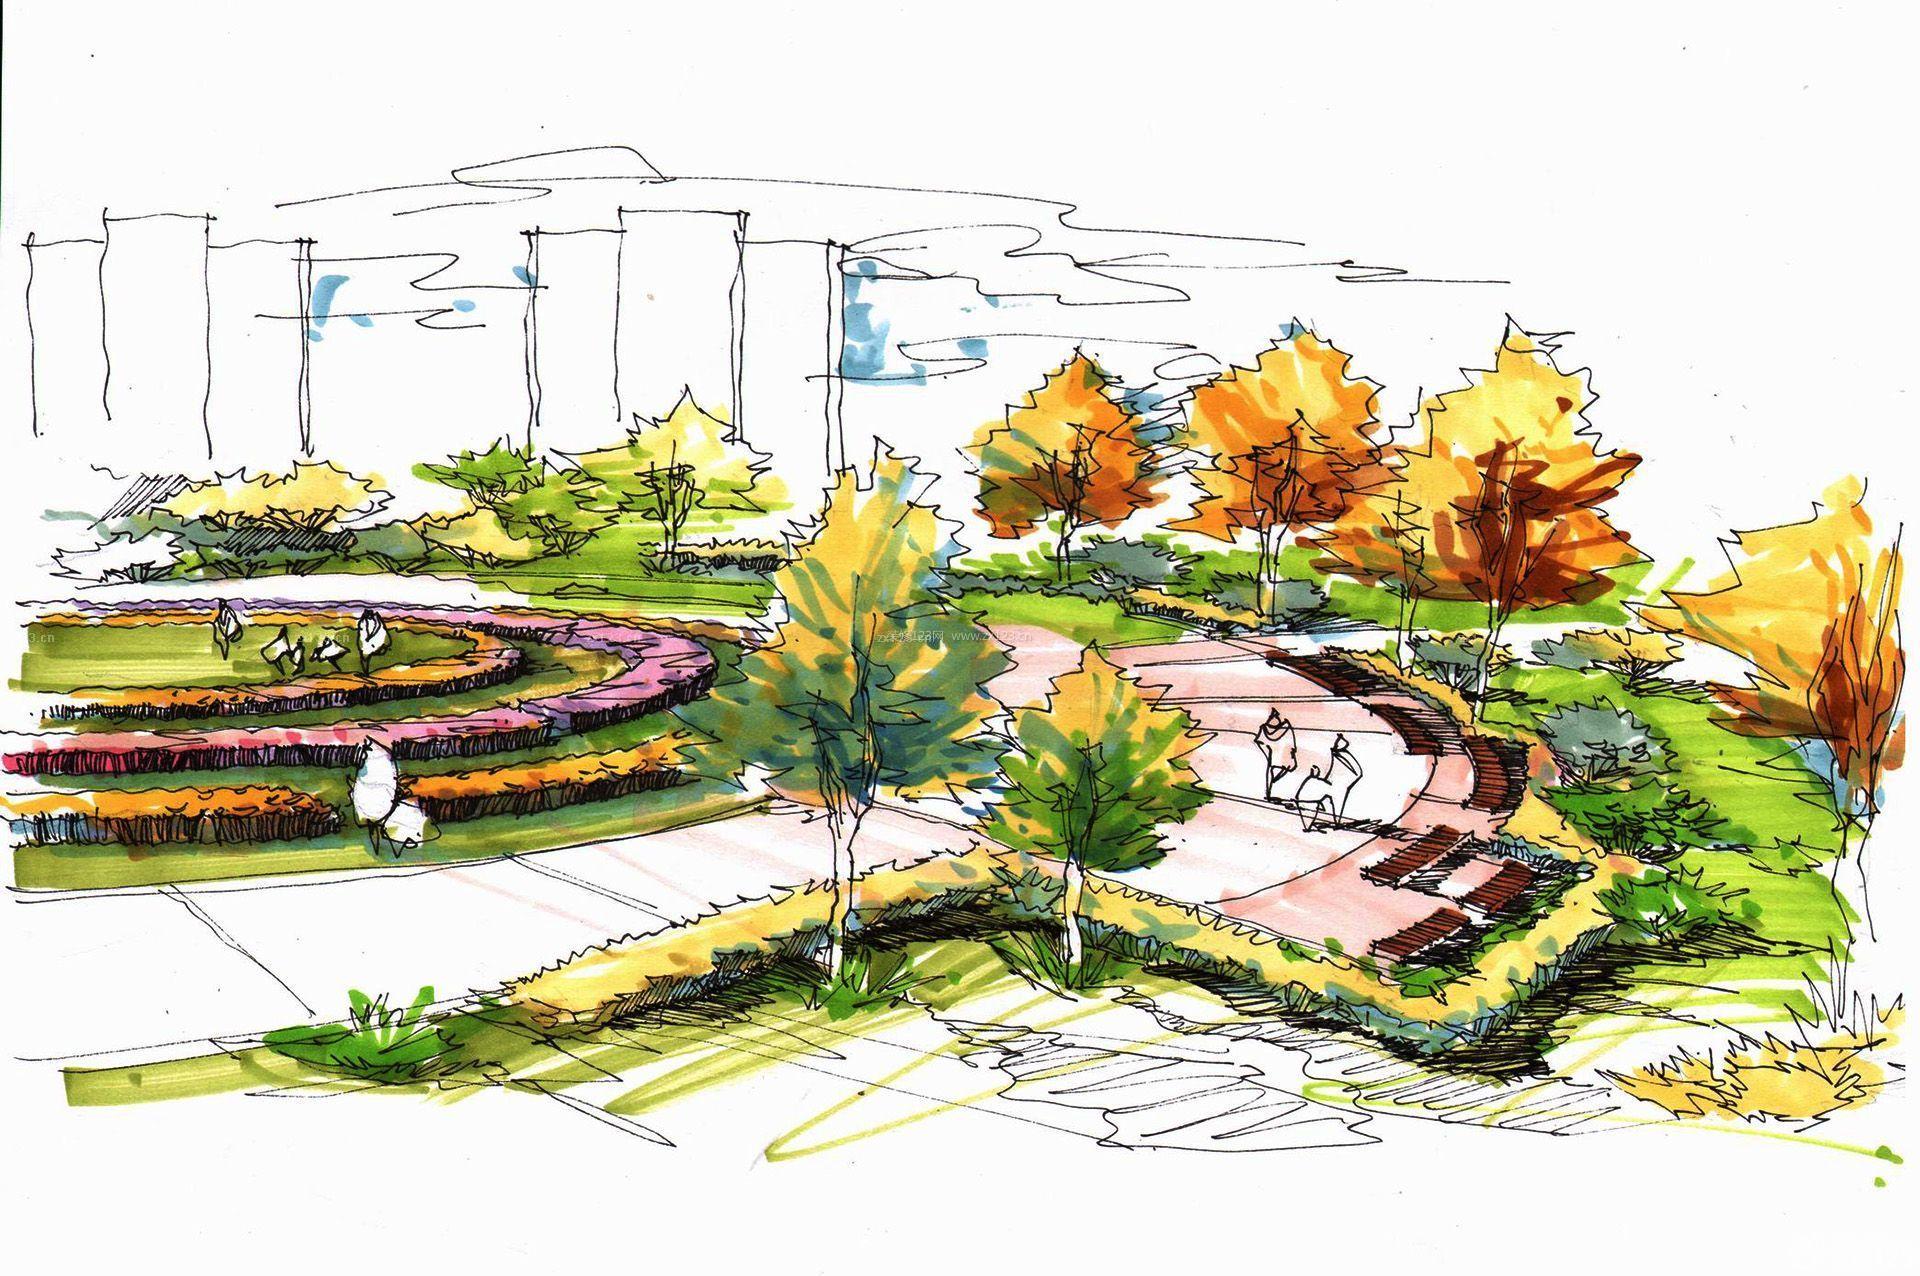 公园绿化景观手绘效果图